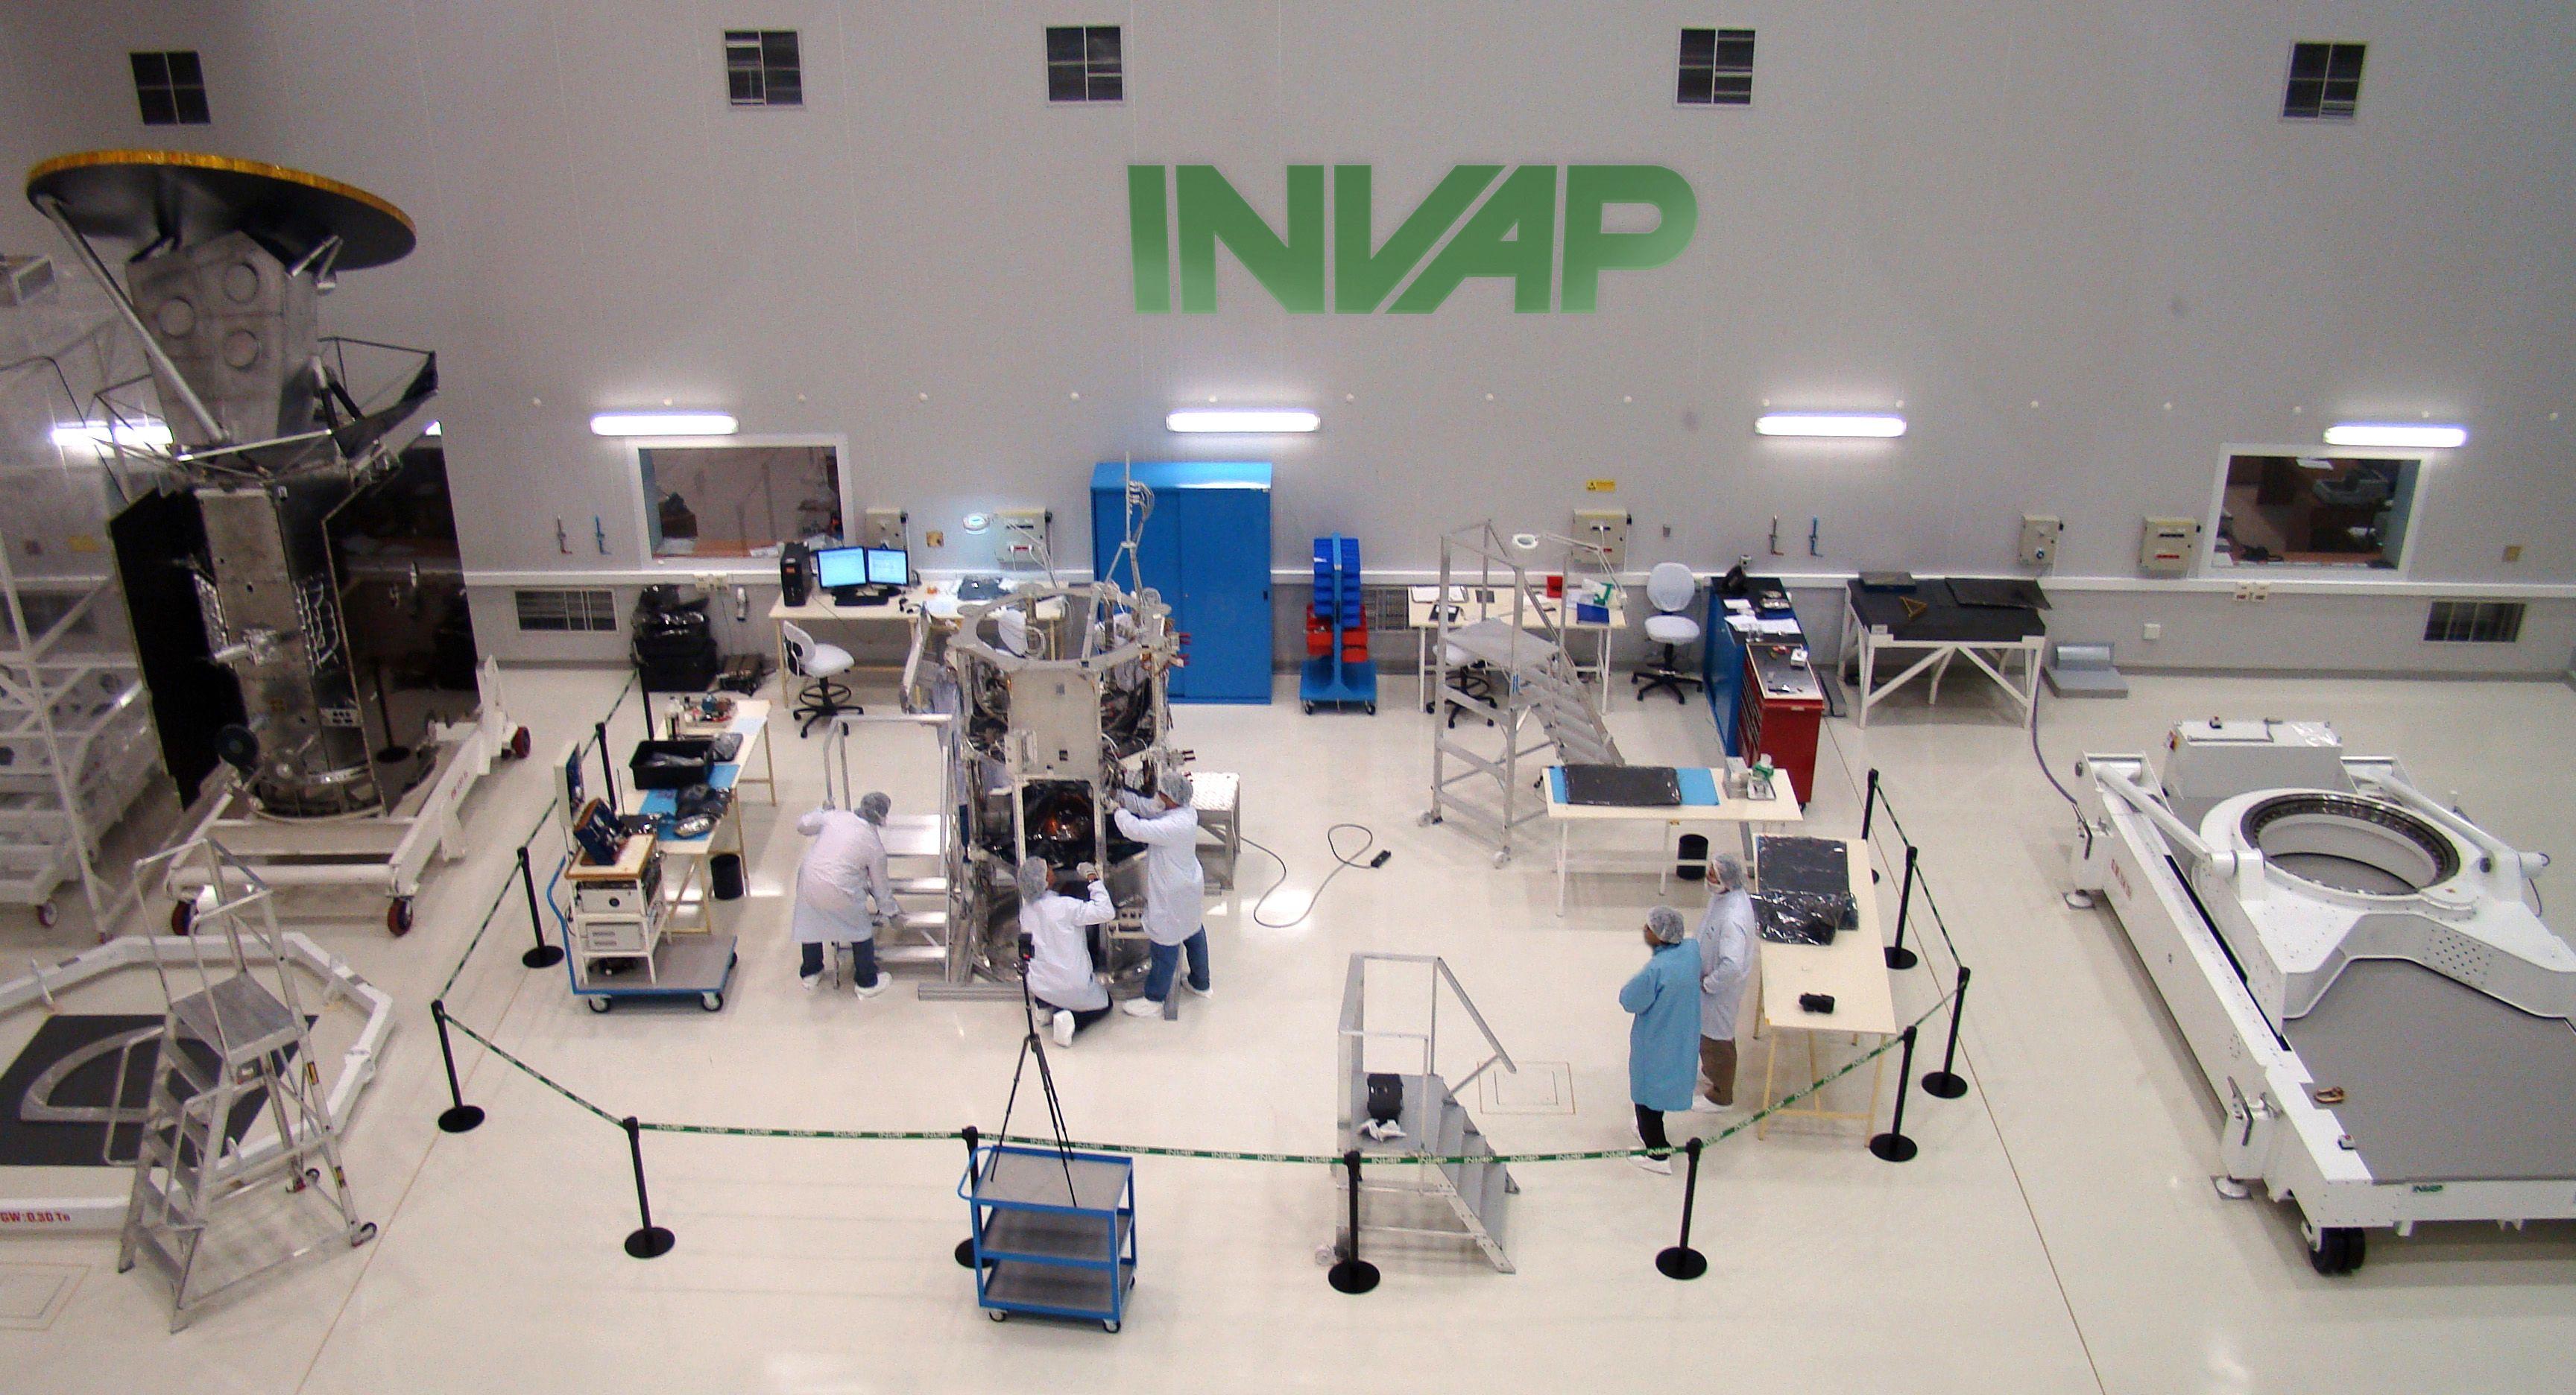 No hay plata, dijo Macri en el INVAP y sembró dudas sobre los proyectos por US$1.000 millones